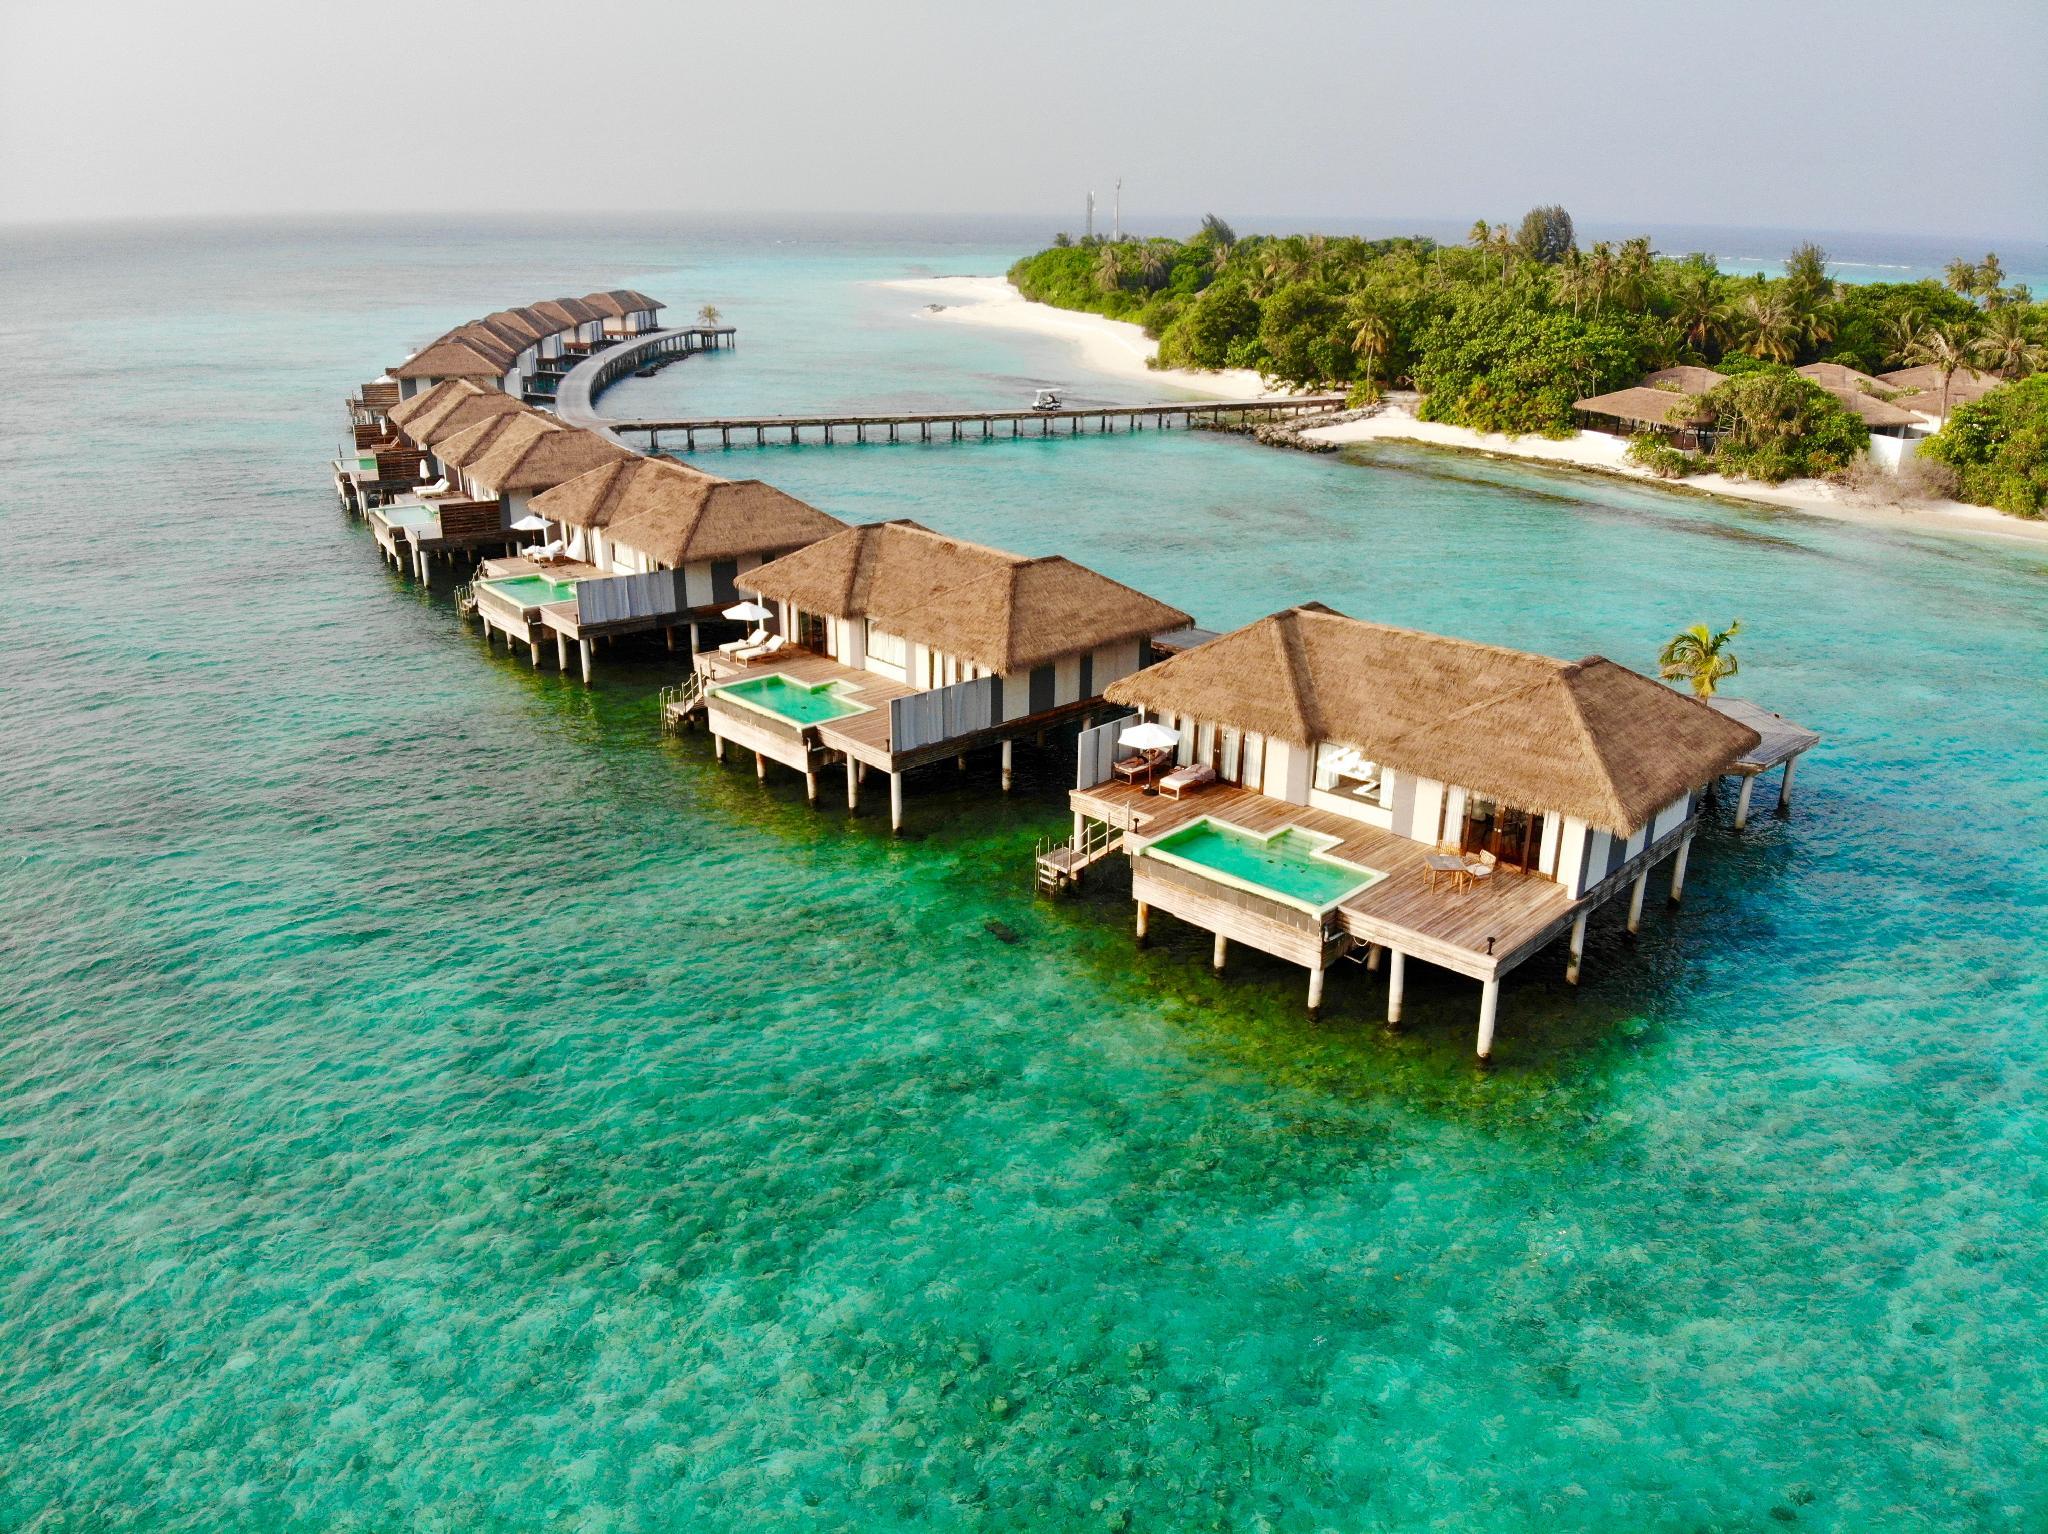 صور جزر المالديف 29